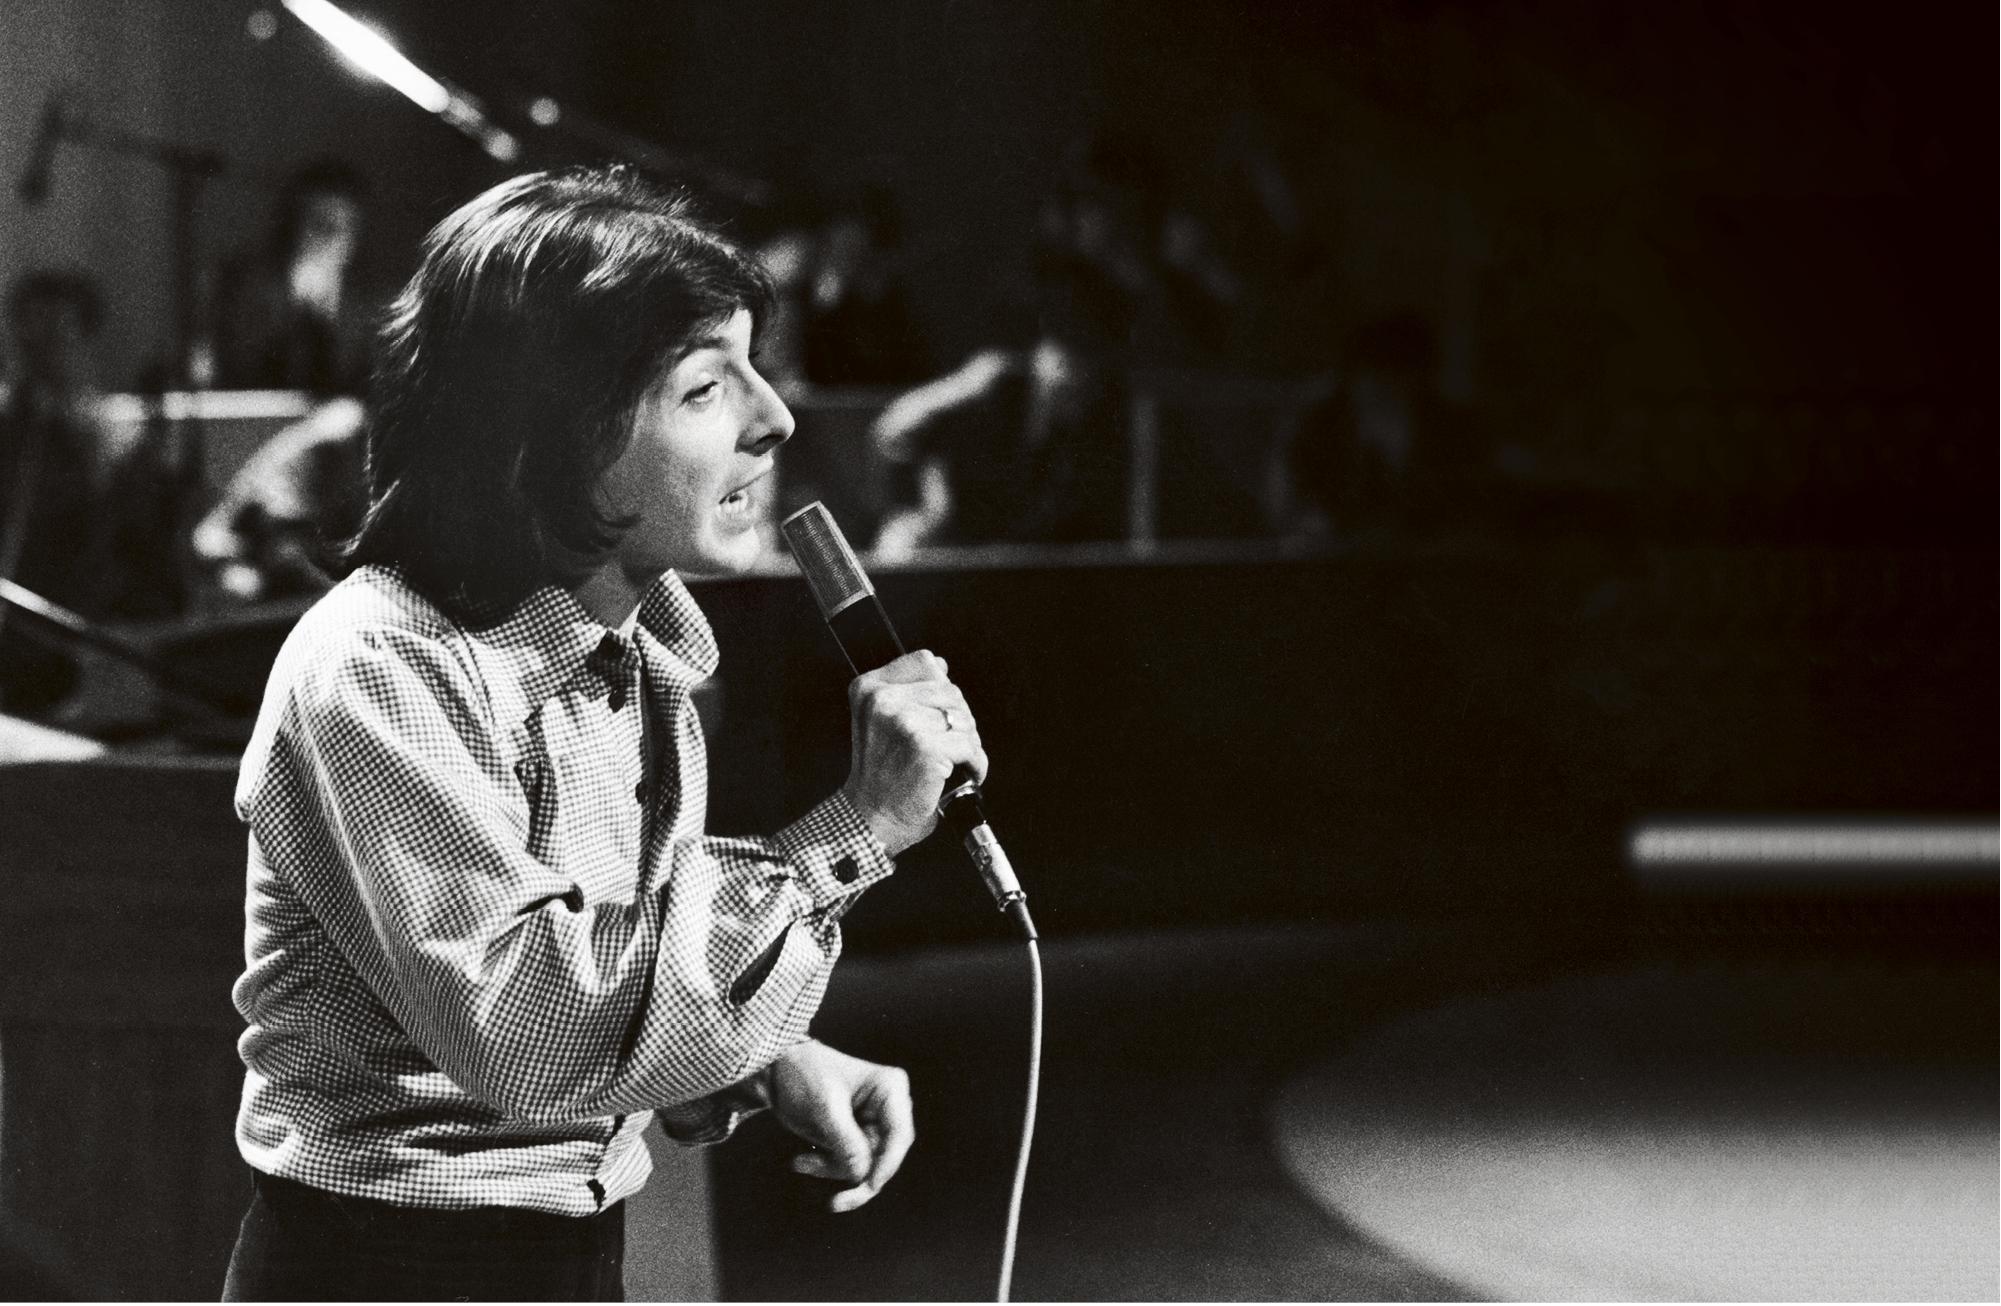 Kirka osallistui kevään 1975 Euroviisukarsintoihin kappaleella Oh, New York rakkain, joka sijoittui viidenneksi